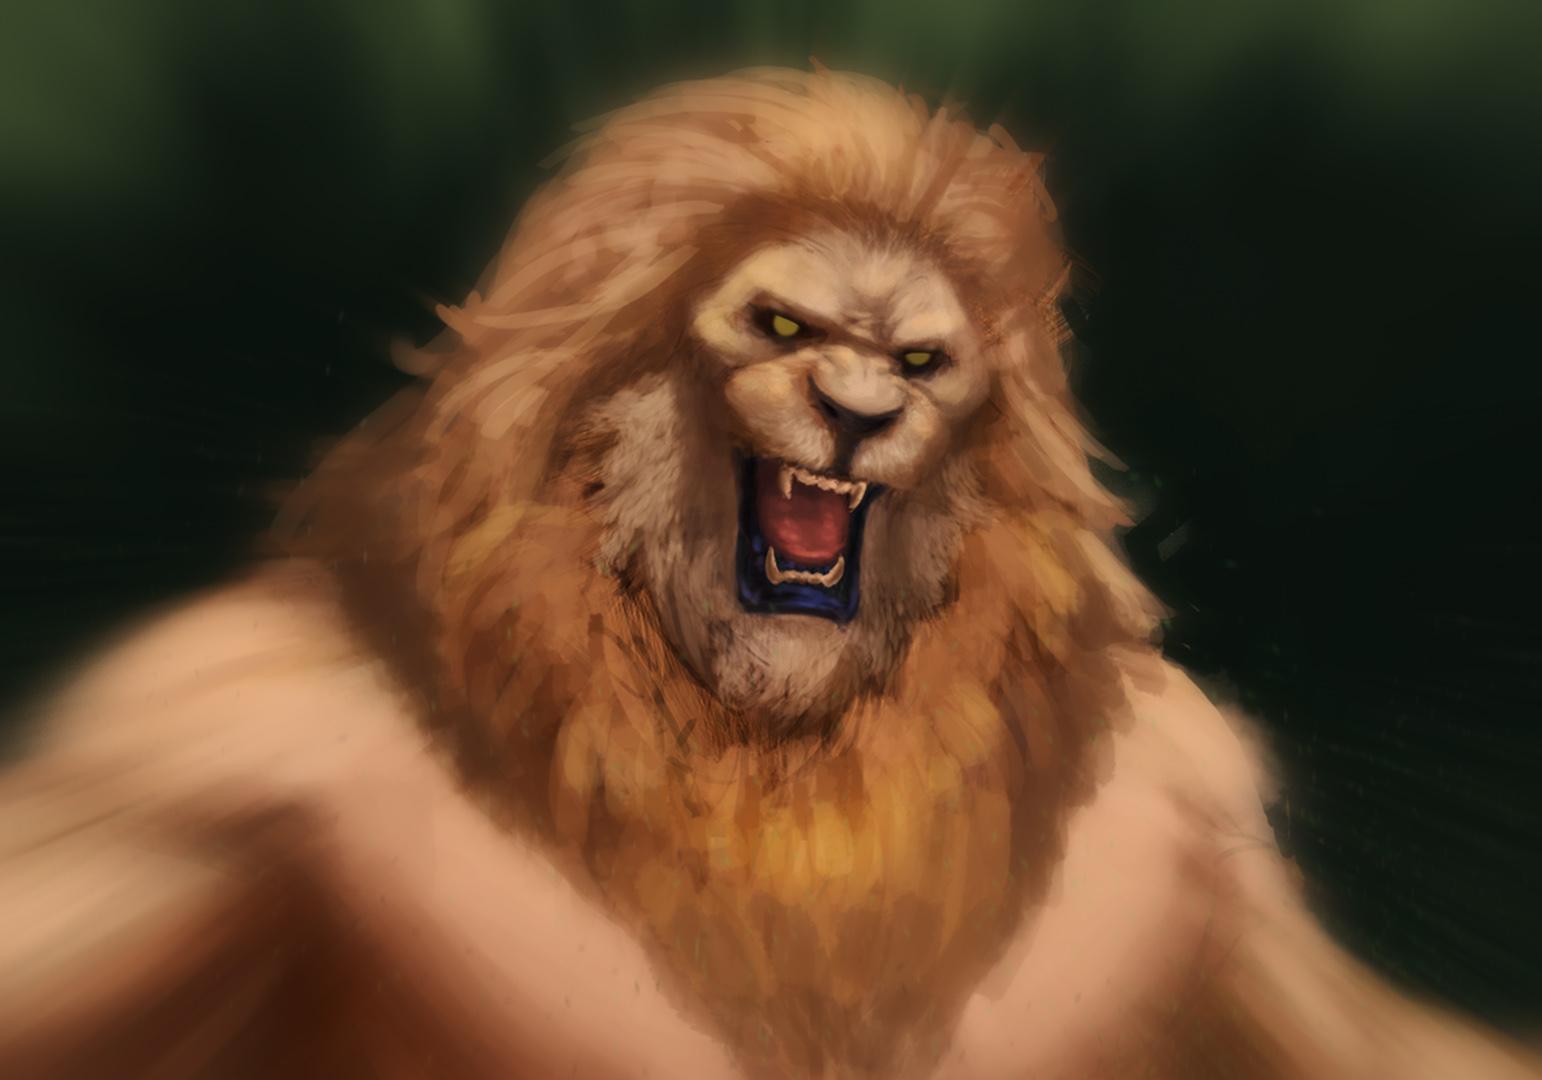 lion man roaring concept